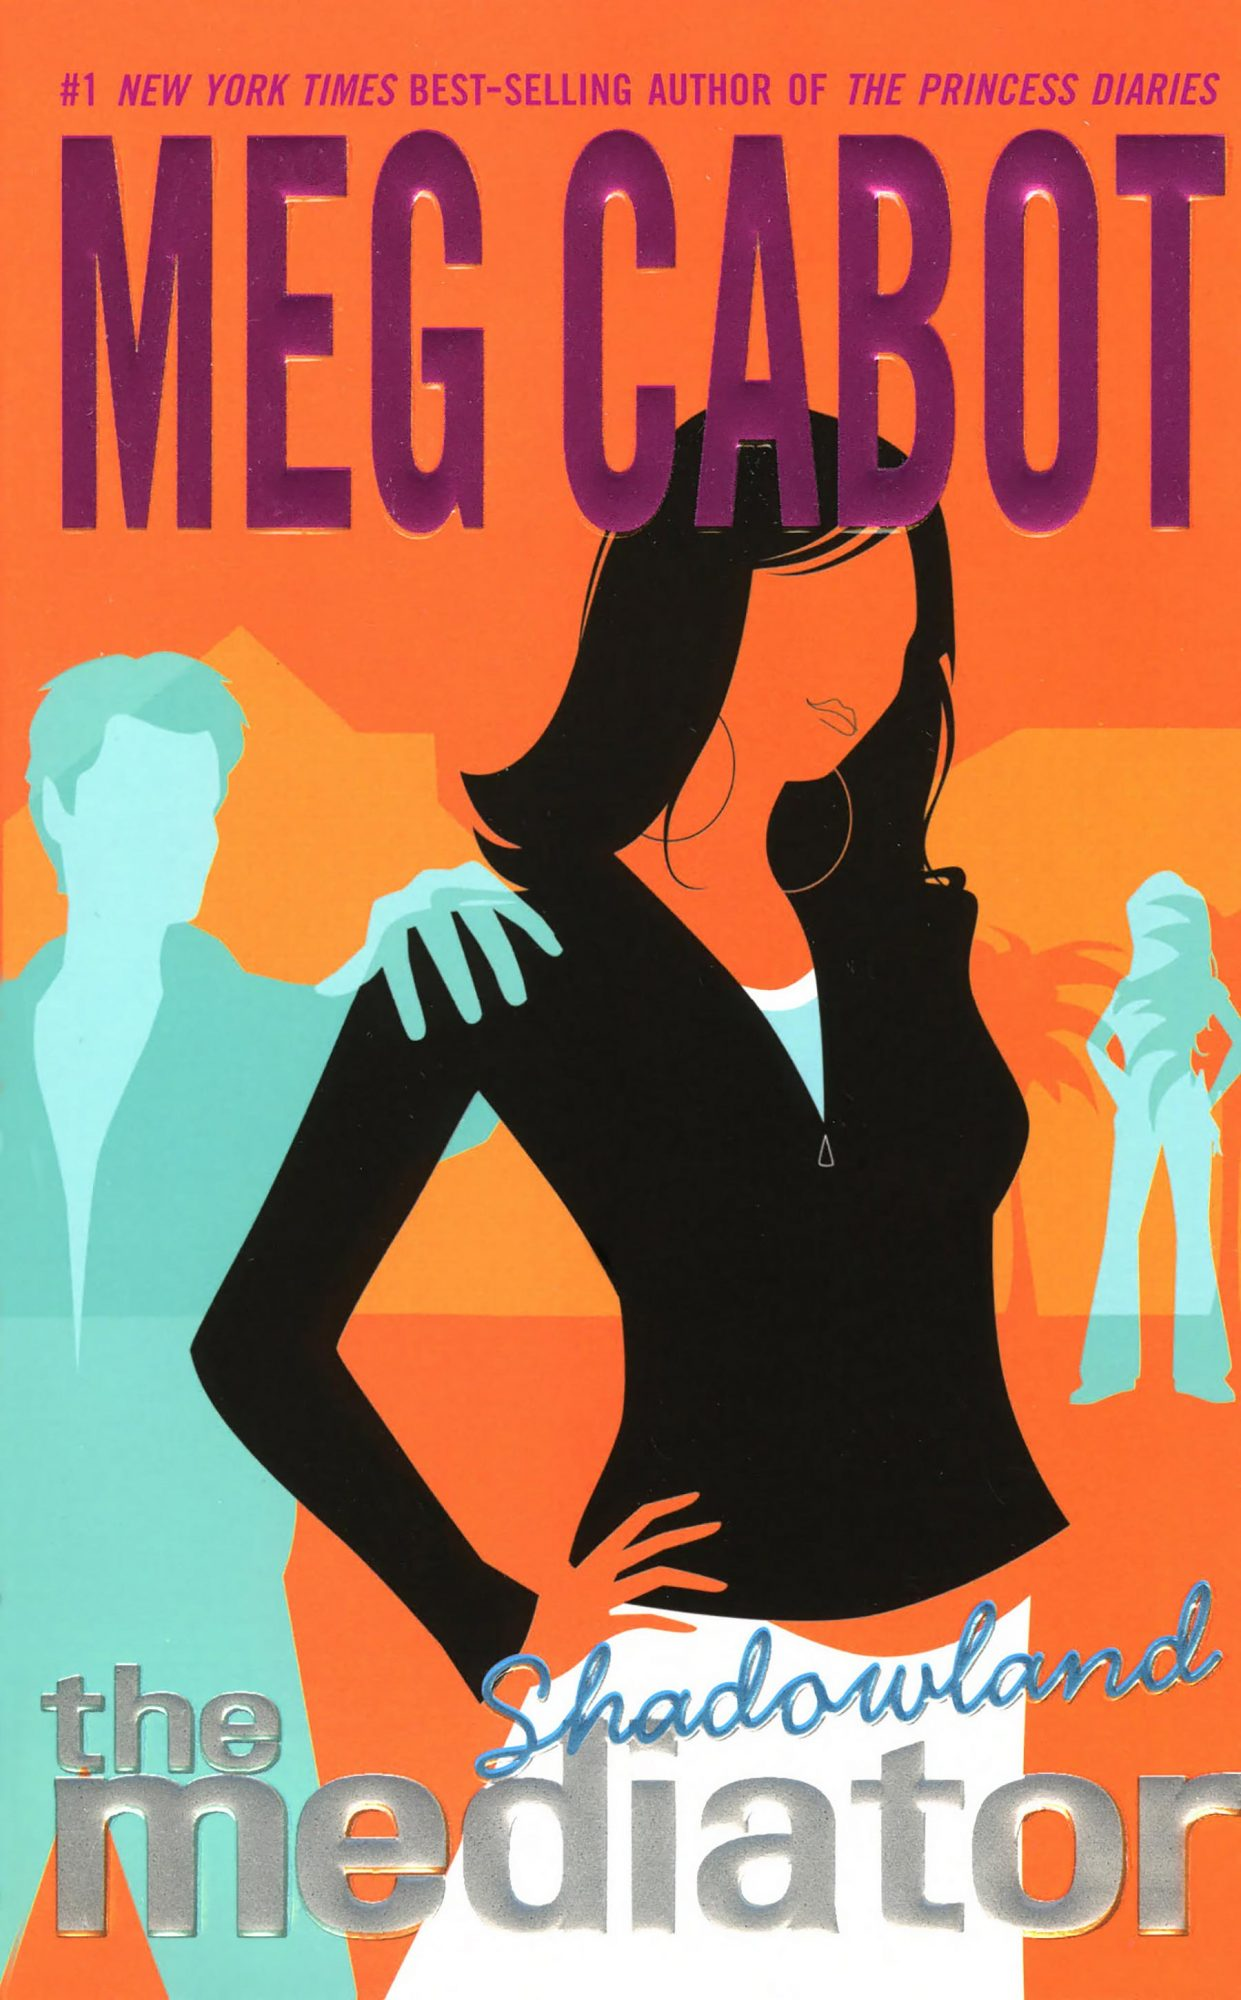 Meg Cabot's The Mediator series CR: HarperTeen